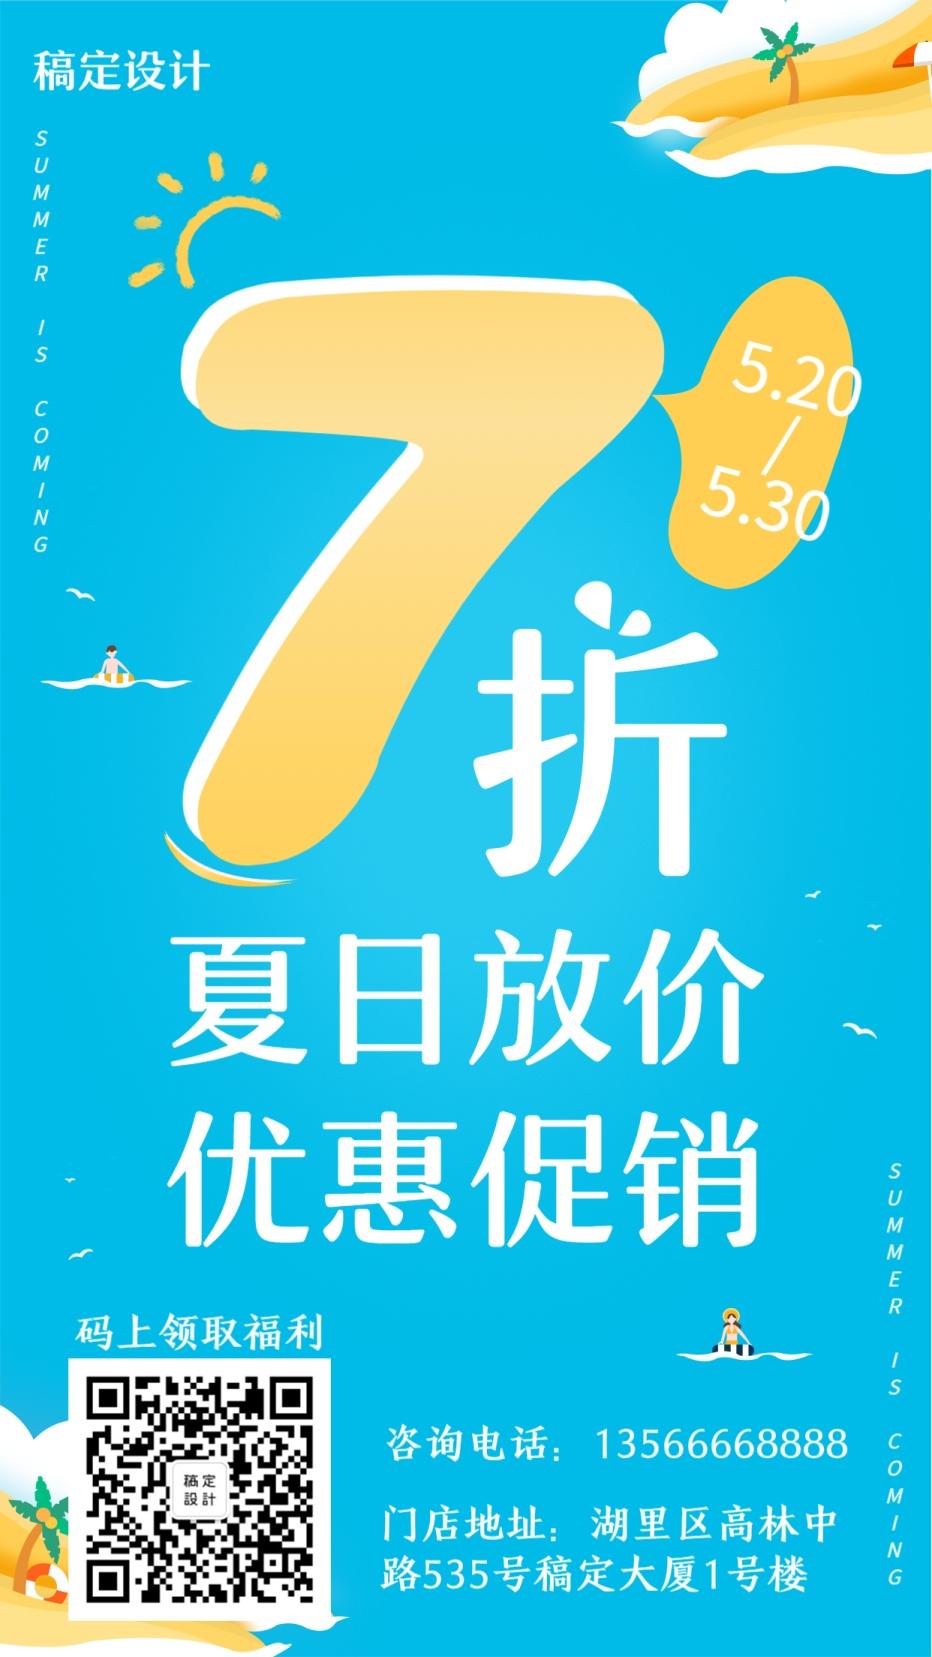 夏日/促销活动/手机海报